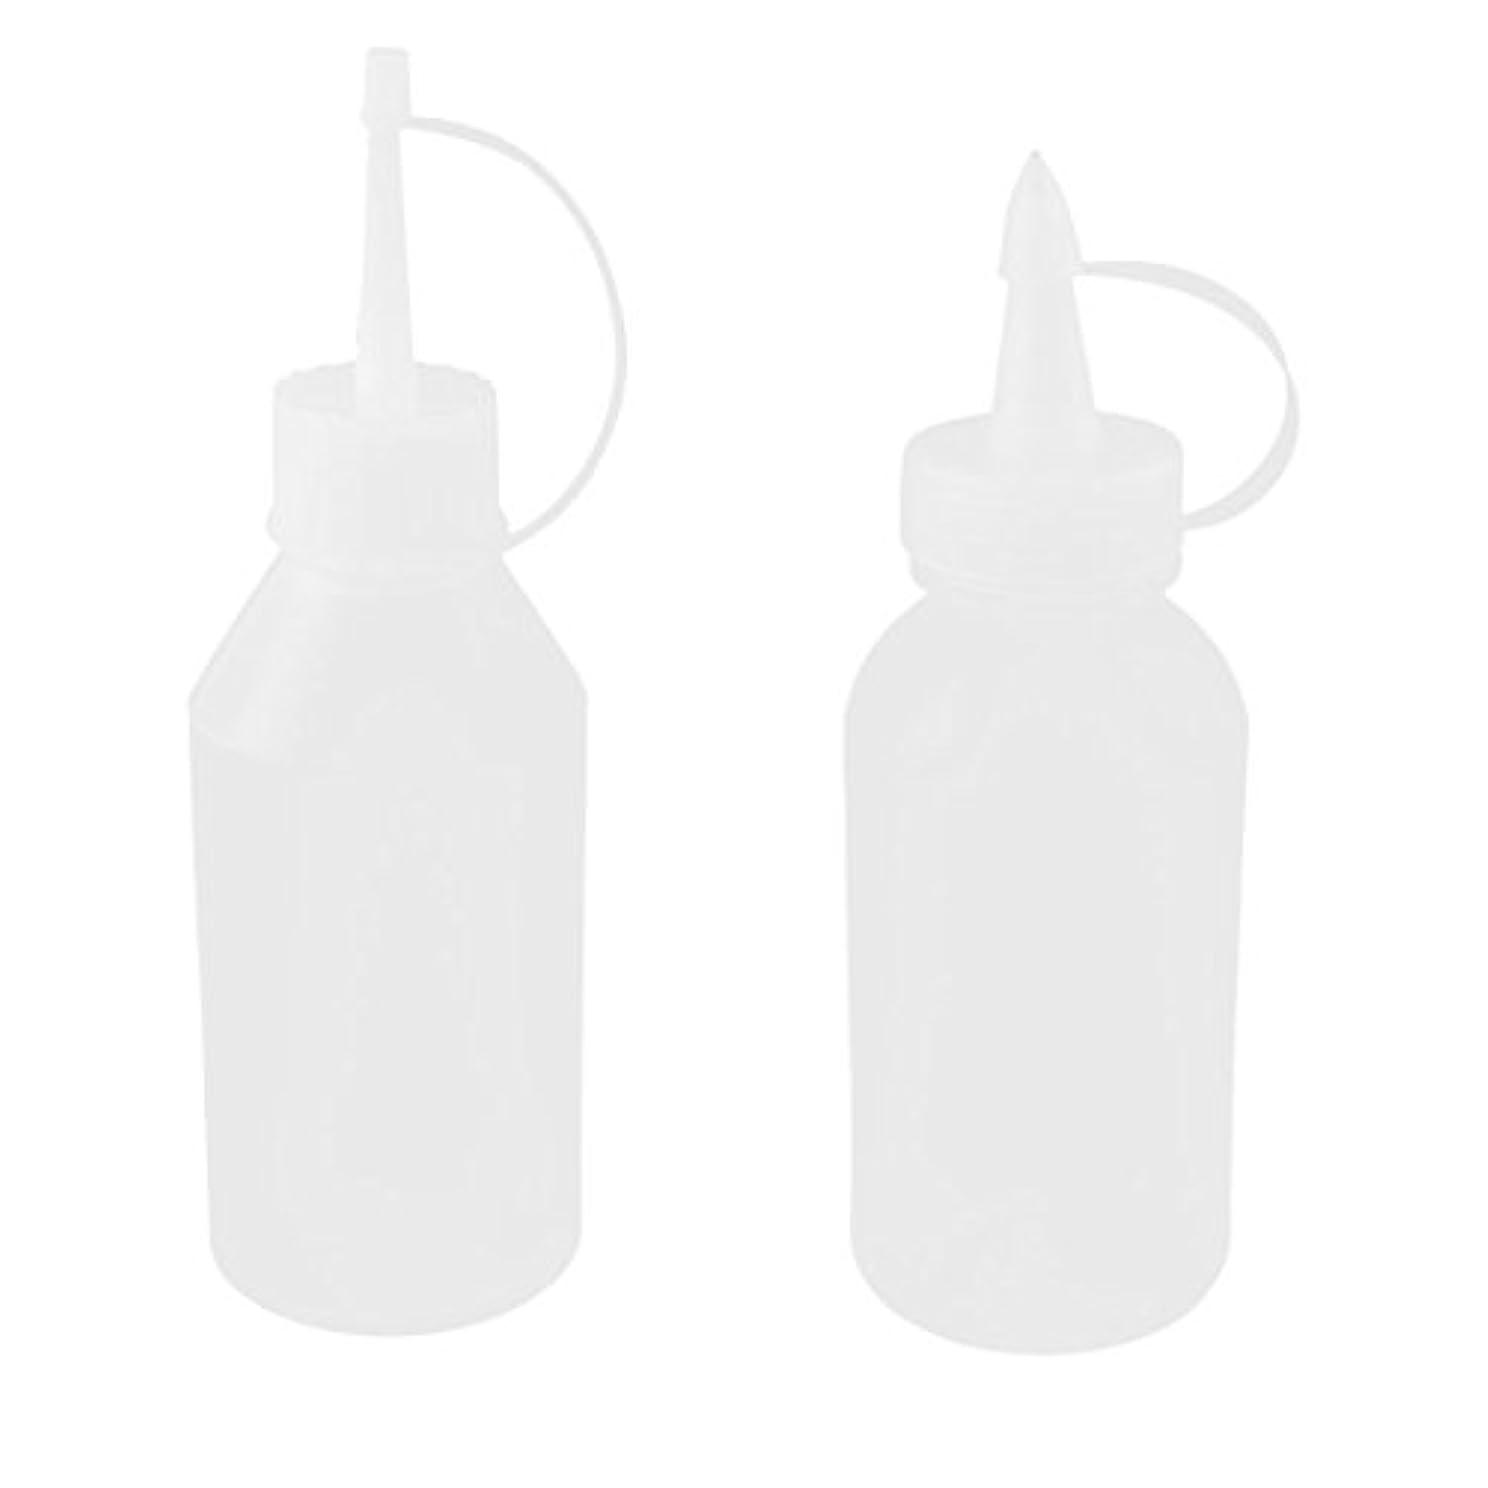 公使館書き出すナットuxcell オイルボトル 油差し プラスチック 100ml ホワイト クリア 2個